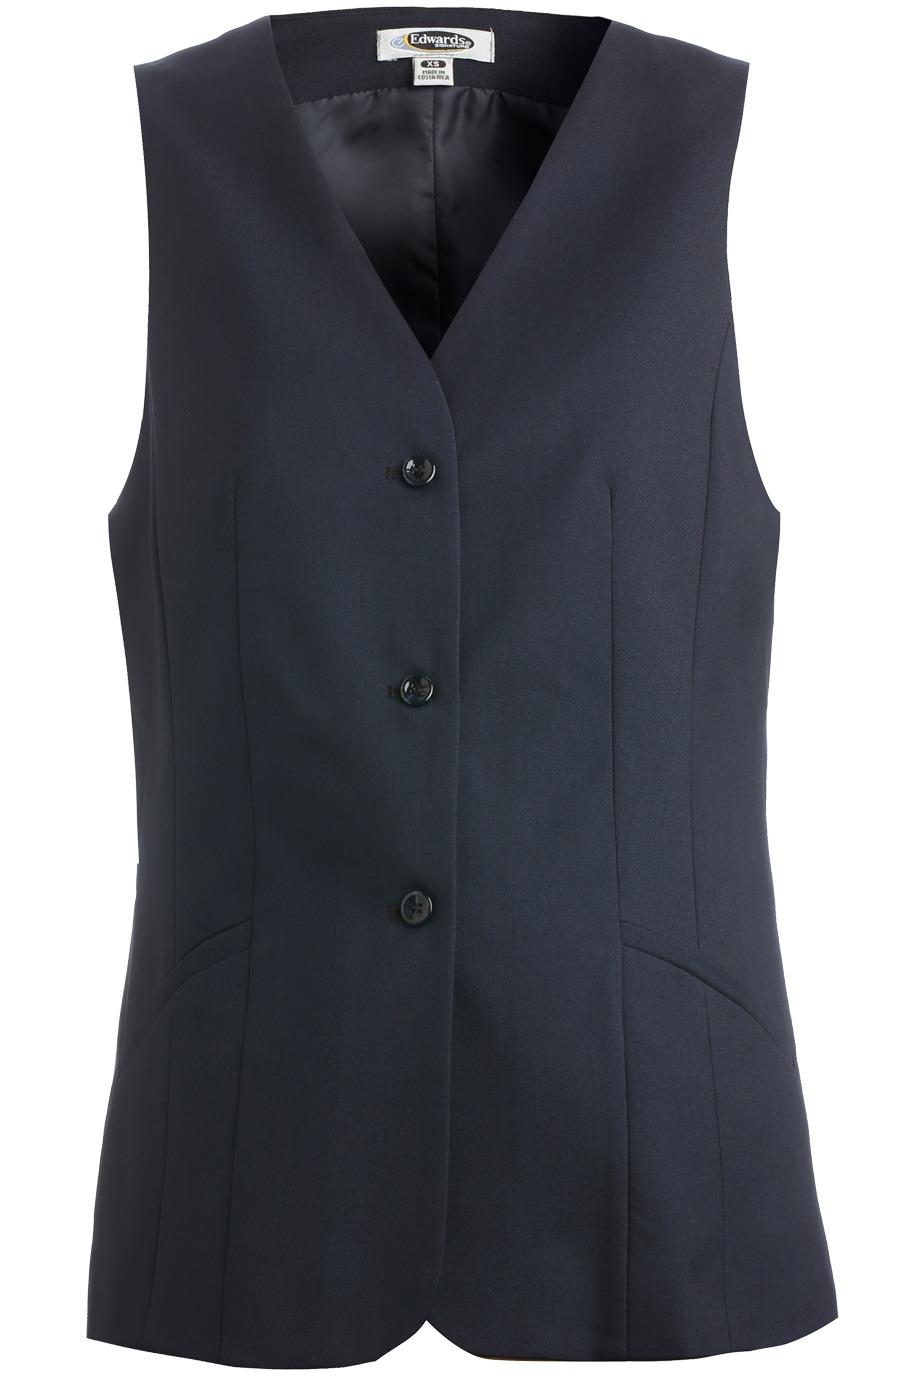 Edwards Garment 7575 - Synergy Washable Tunic